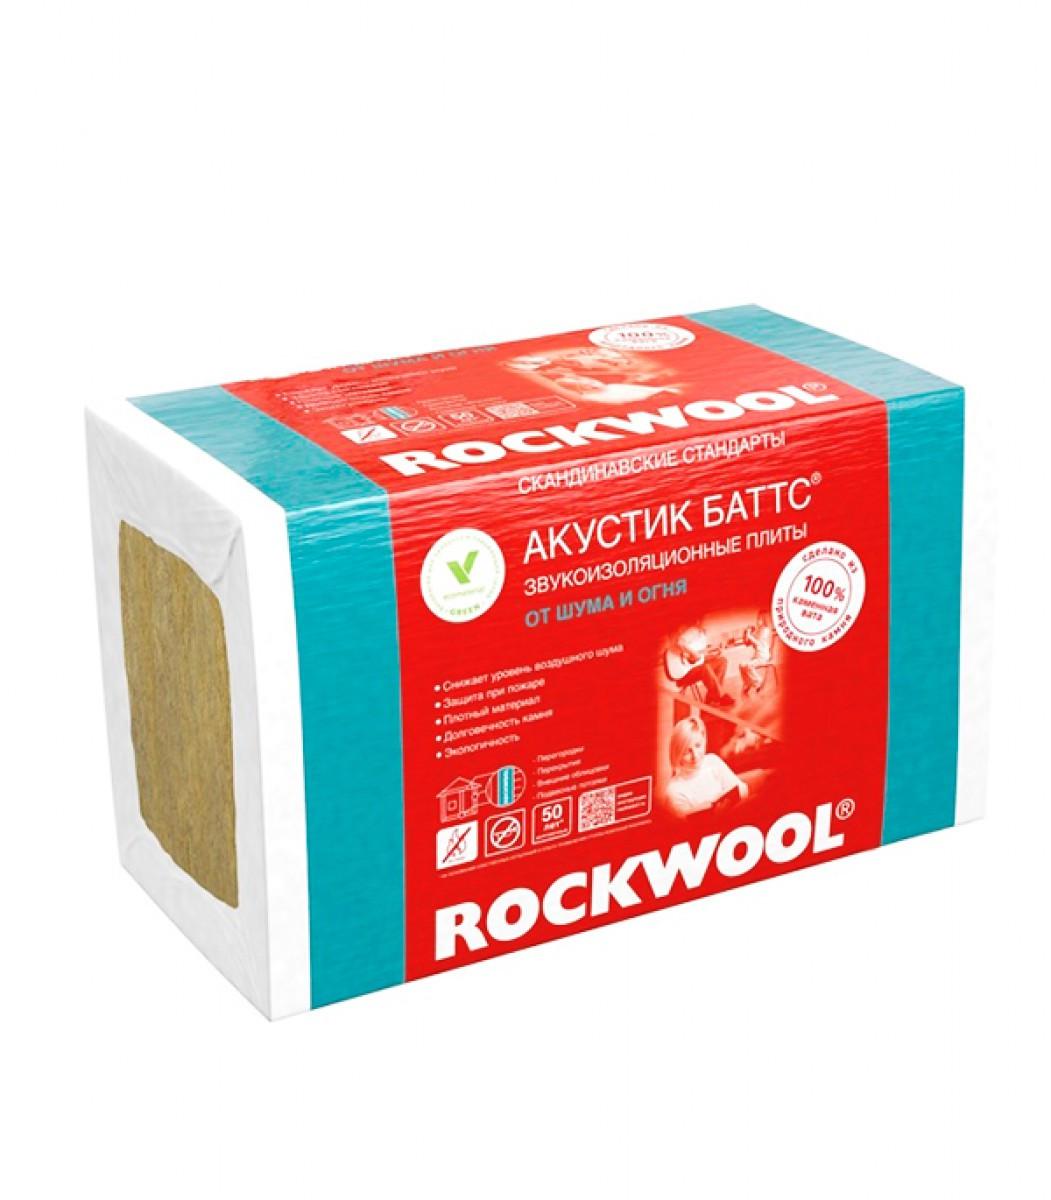 Шумоизоляция rockwool акустик баттс технические характеристики